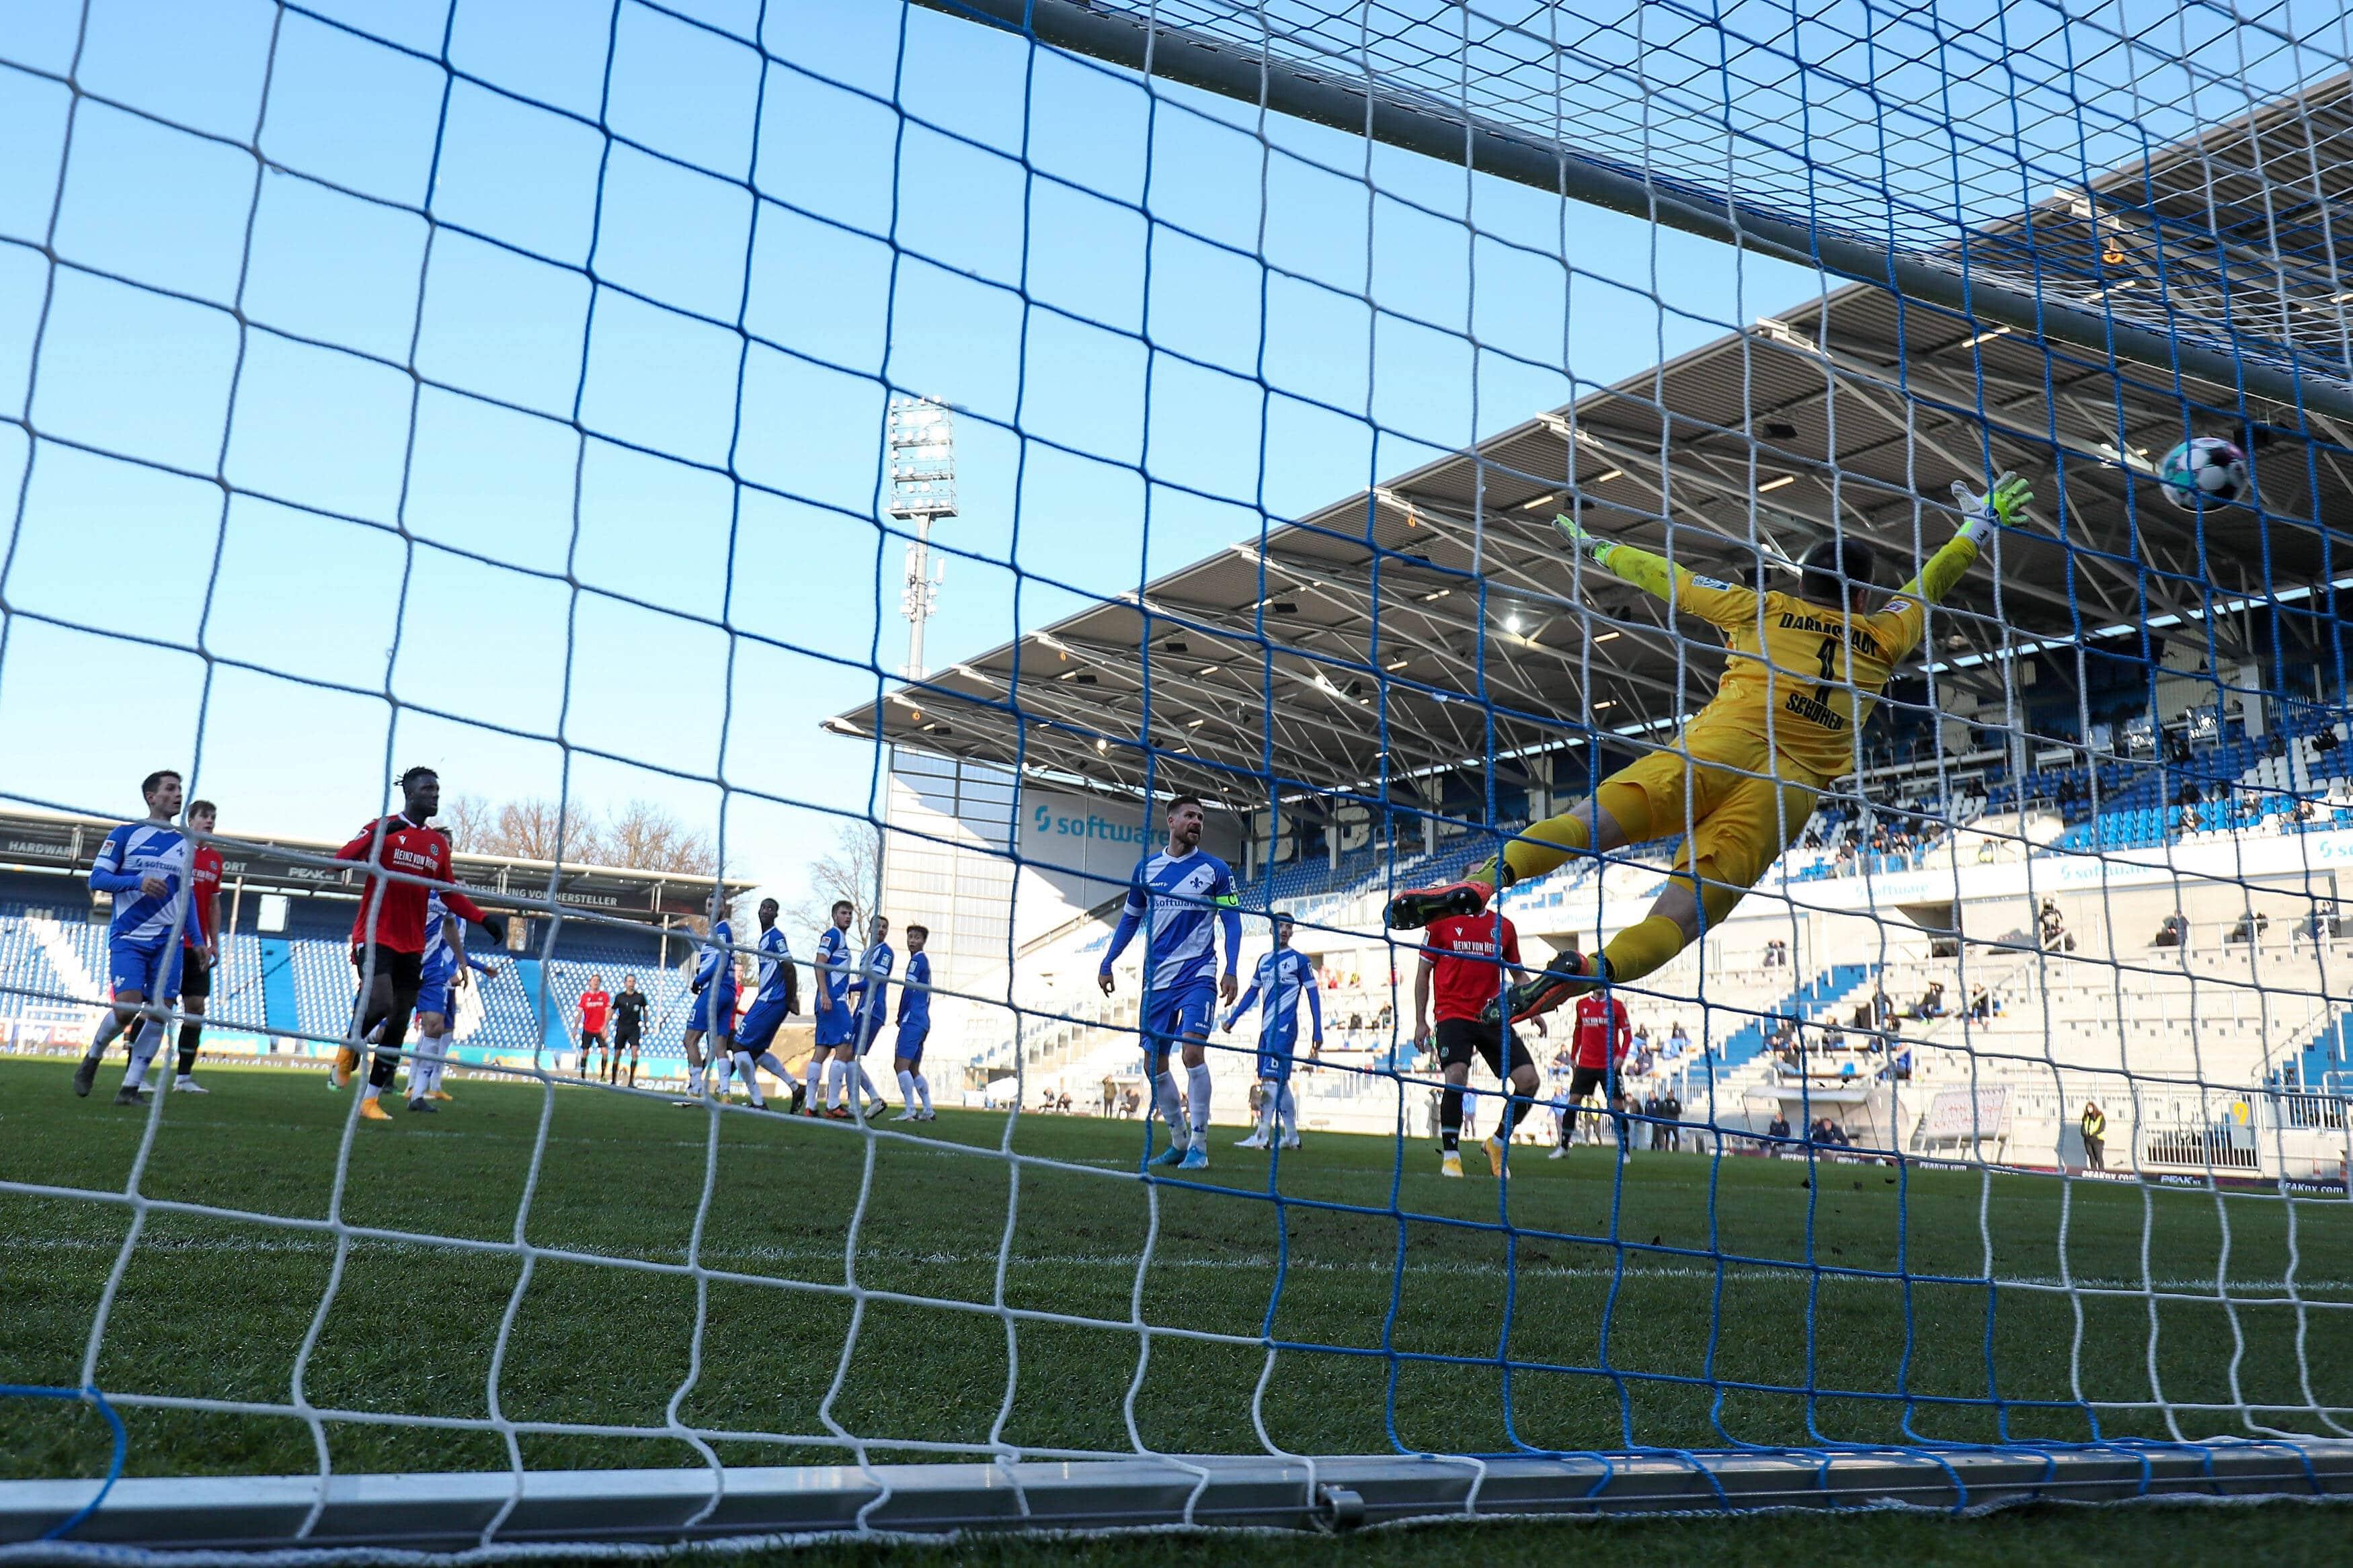 10.01.2021 15.Spieltag 2.BL SV Darmstadt 98 – Hannover 96 v.l.,Marvin Ducksch (Hannover 96) Goal scored, Tor zum 0:1, G